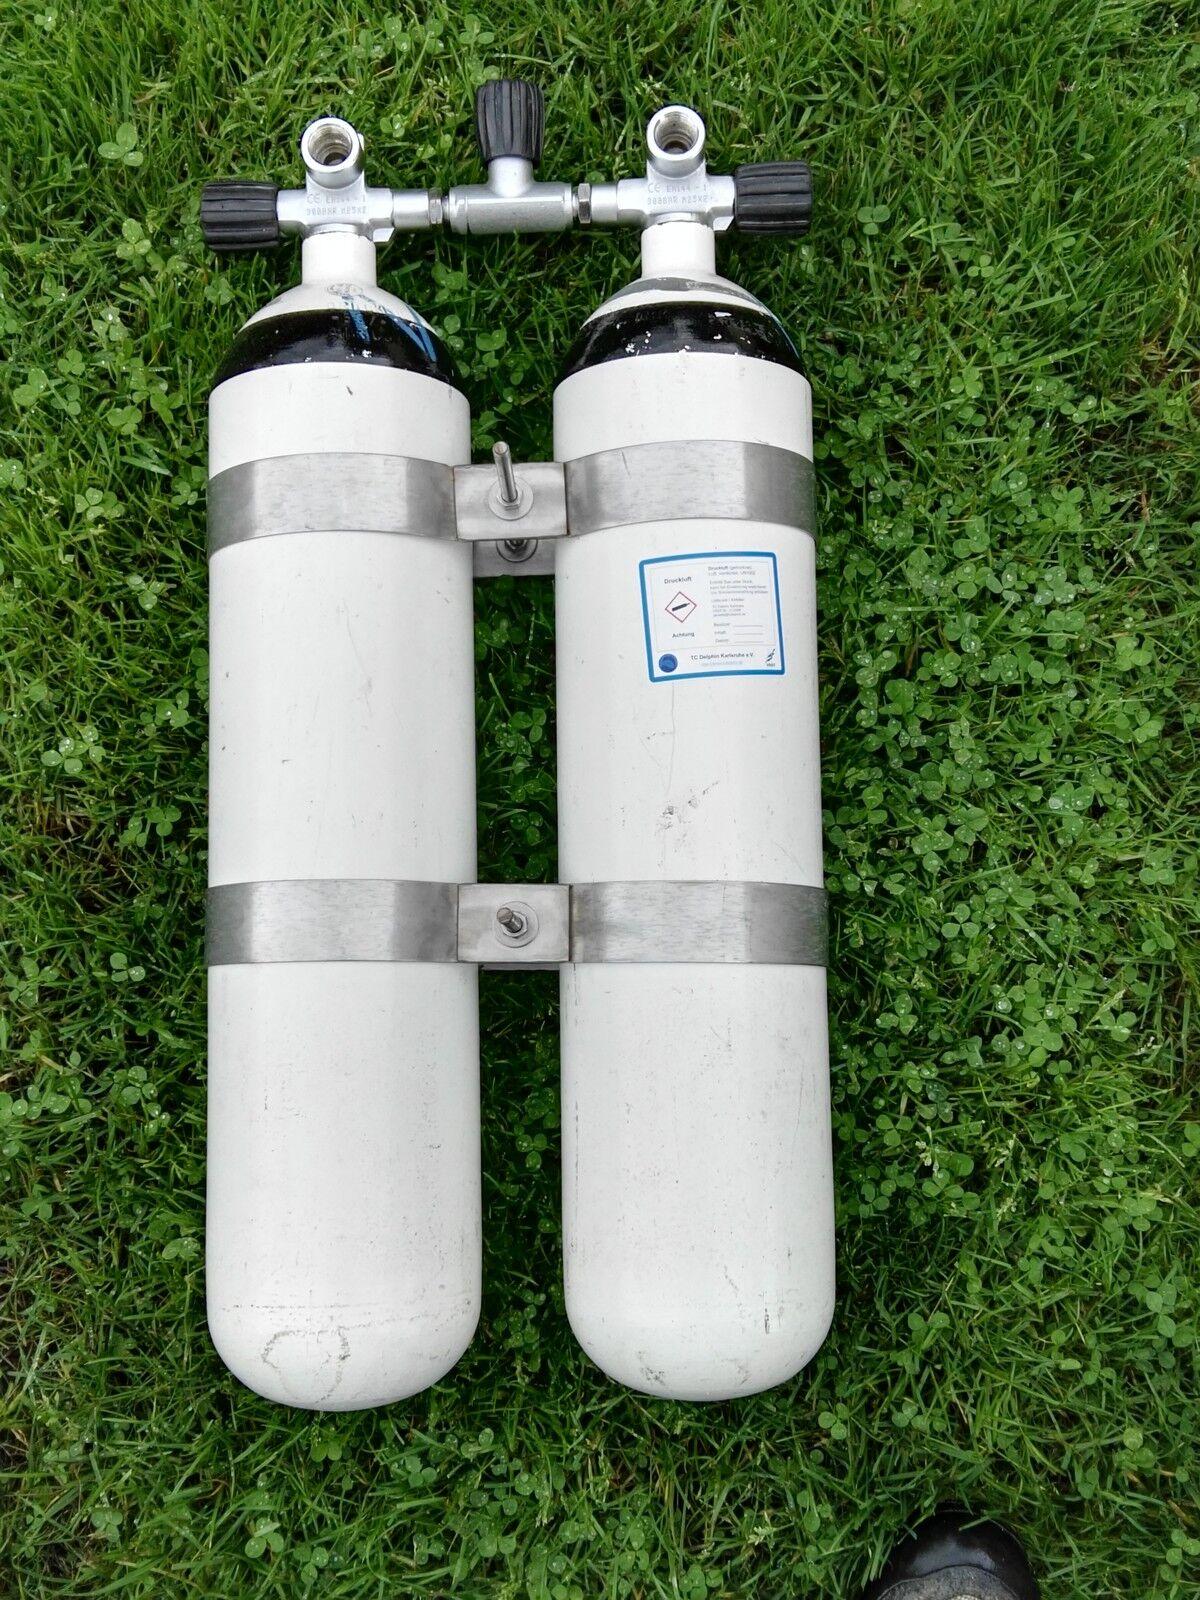 DIR Style Doppelpack 7 Liter 300bar TÜV neu gültig bis bis bis 7 2019 9aed72